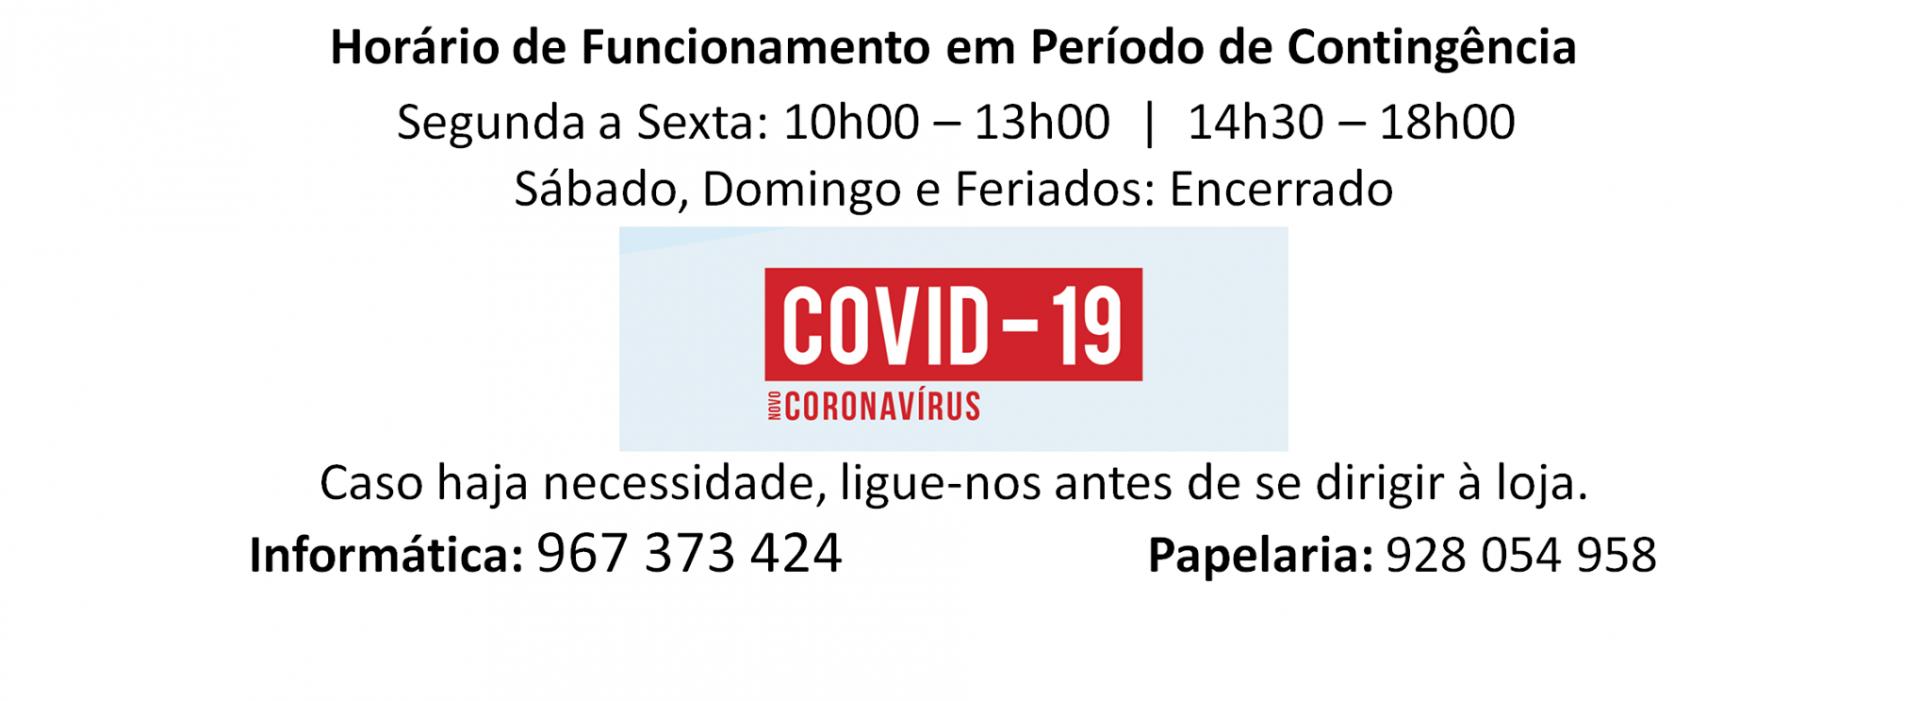 Costa e Costa Topografia e Informática, Lda